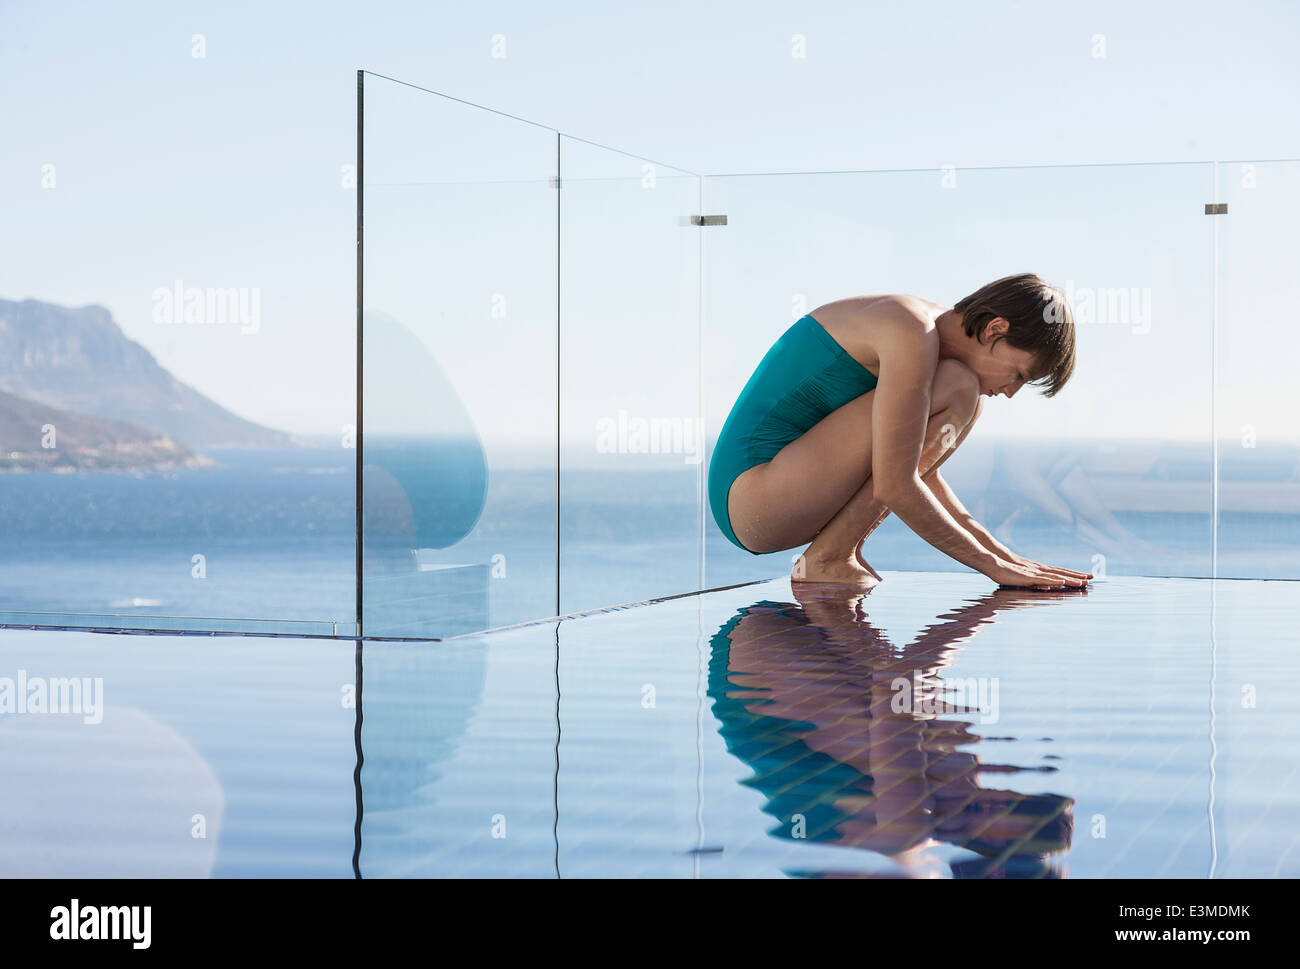 Femme accroupie au-dessus d'une piscine à débordement avec vue sur l'océan Banque D'Images